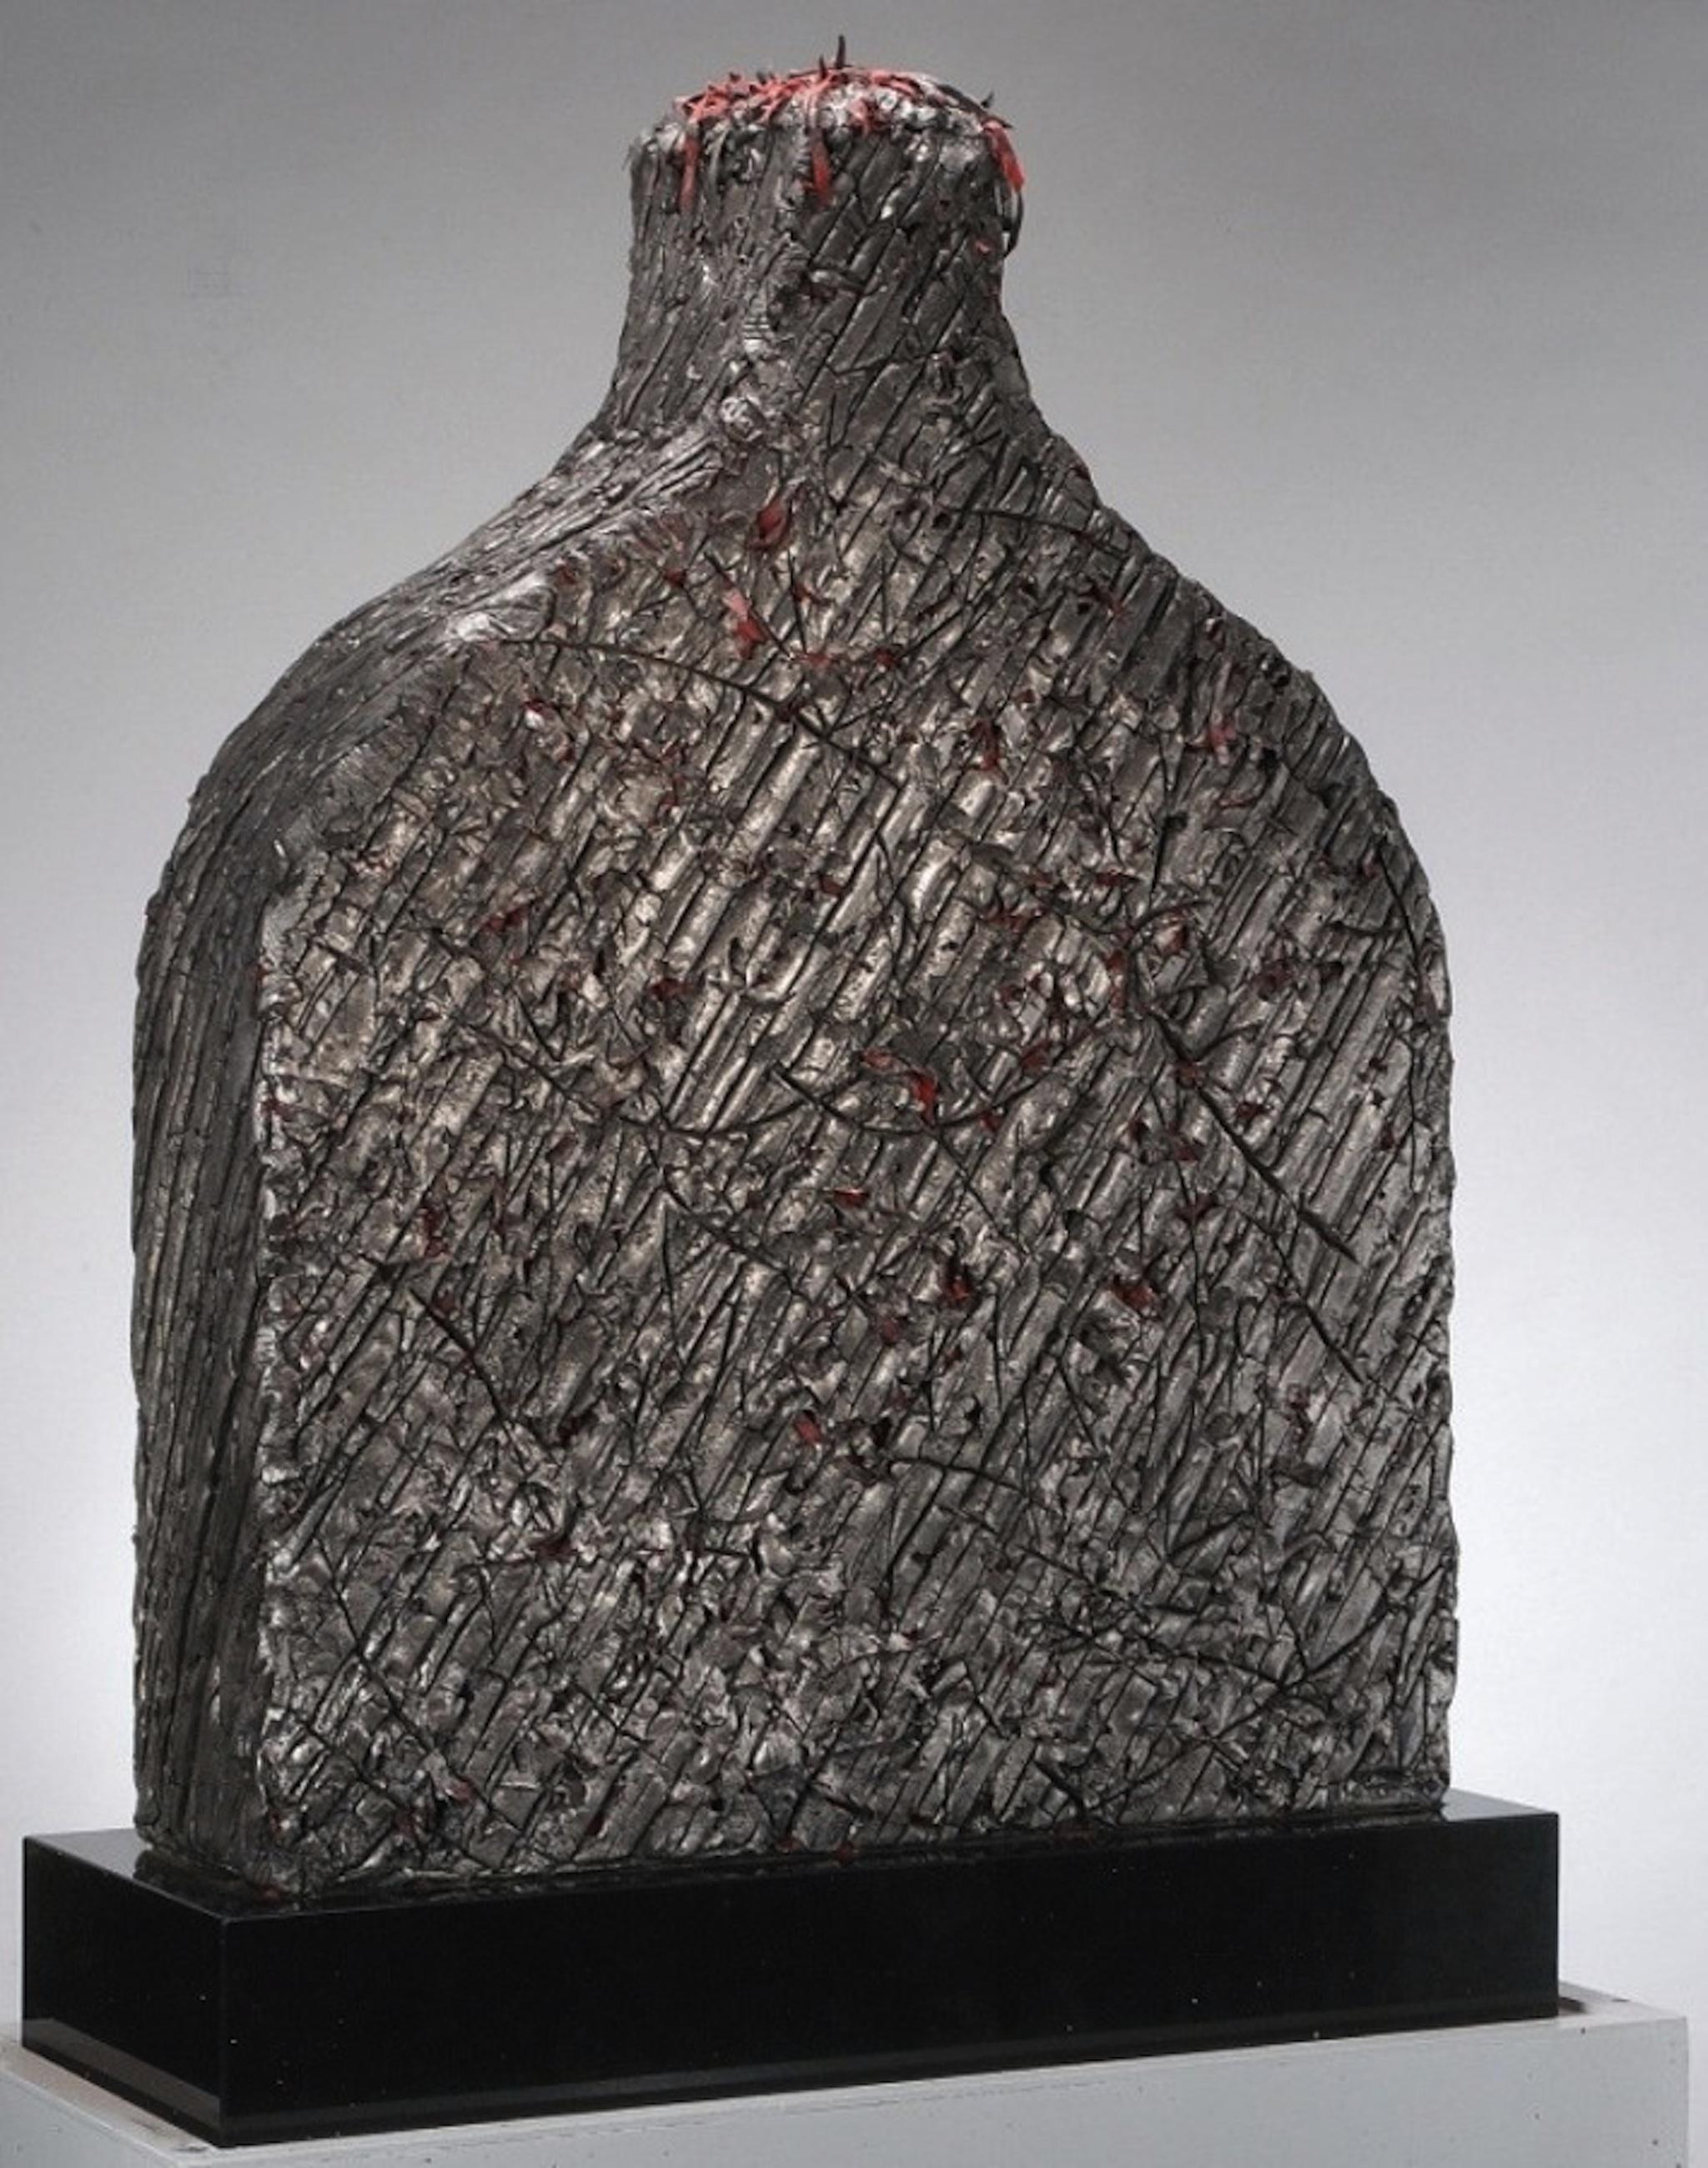 Magareus, 2000